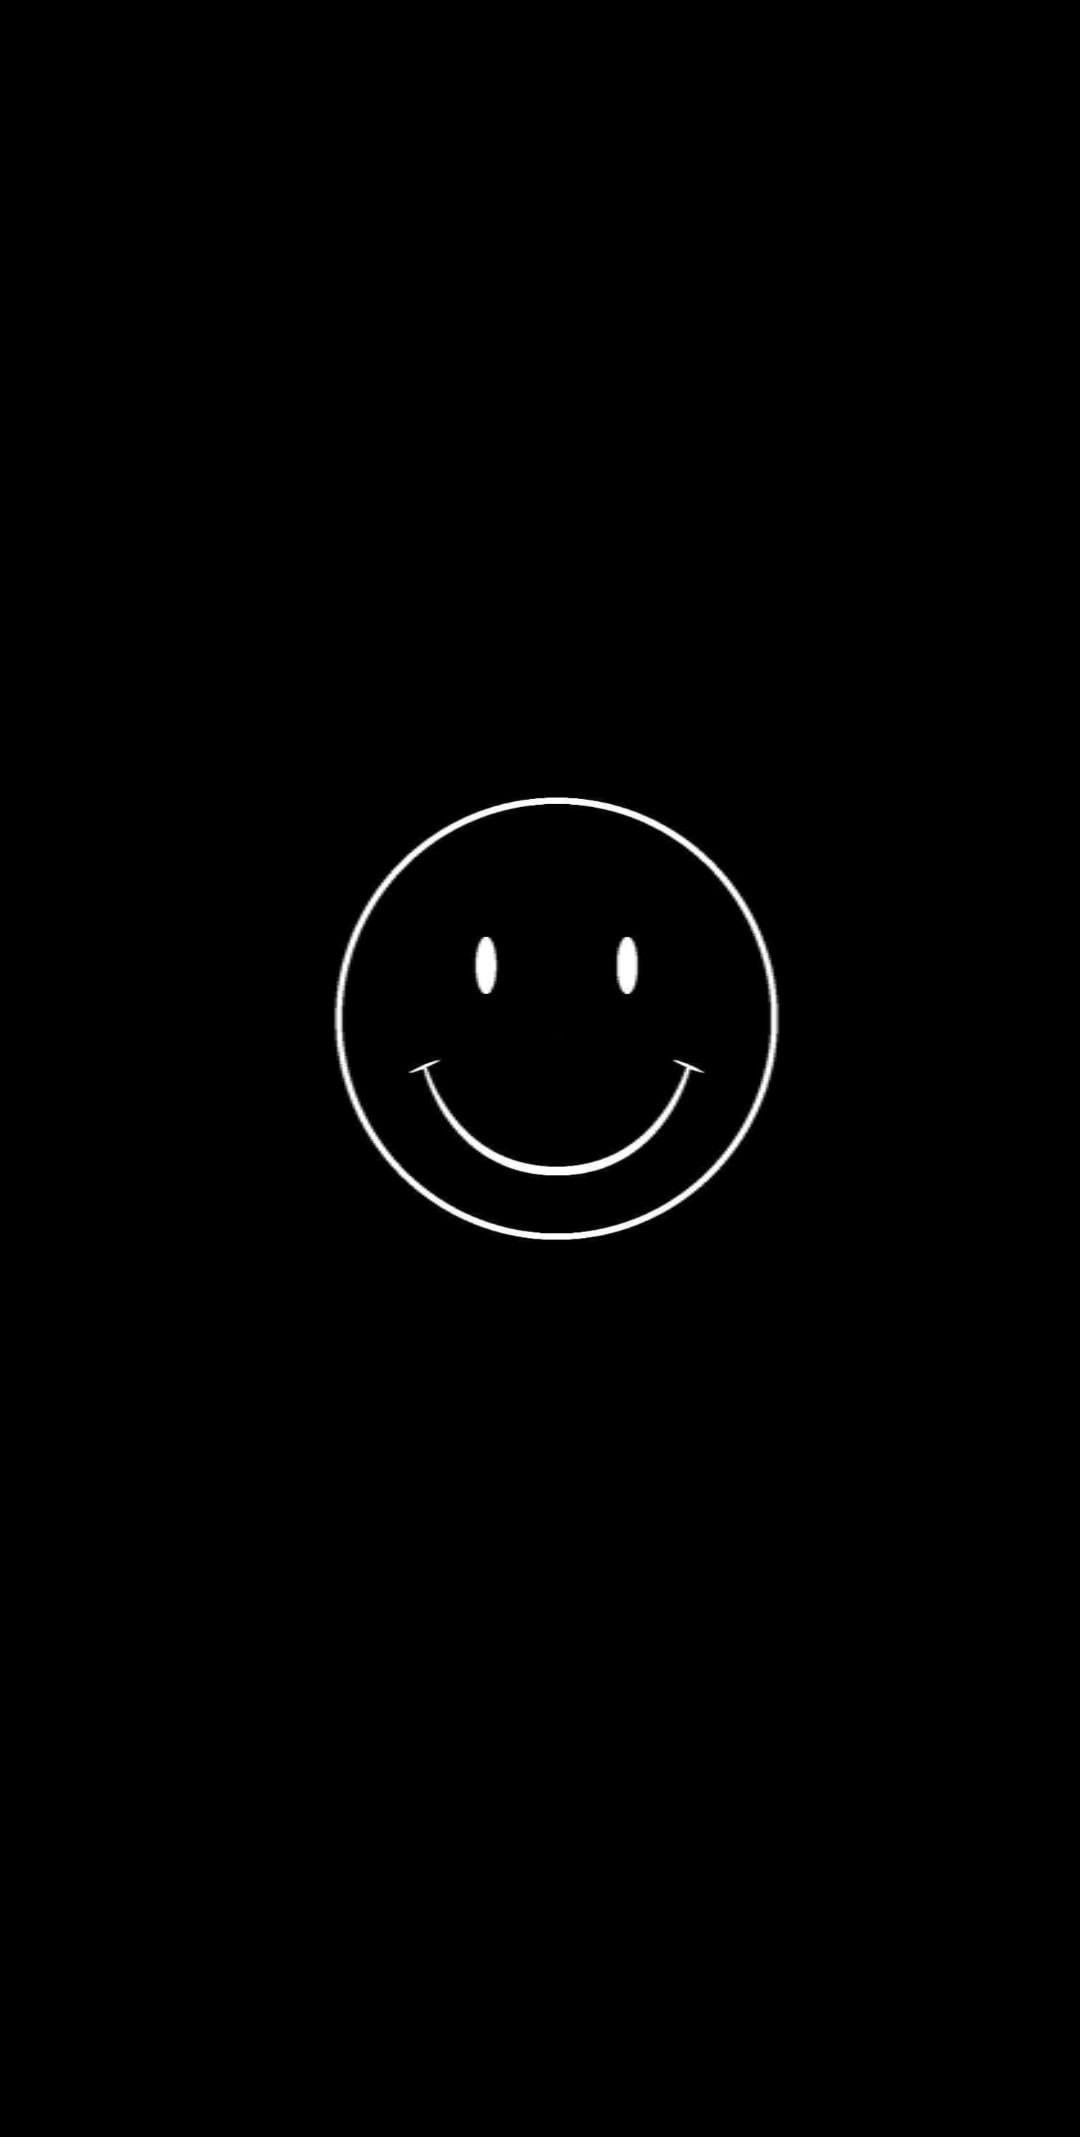 Wallpaper Wallpapers Duvarkagidi Instagram Tumblr Twitter Emoji Smile Black Kutipan Terbaik